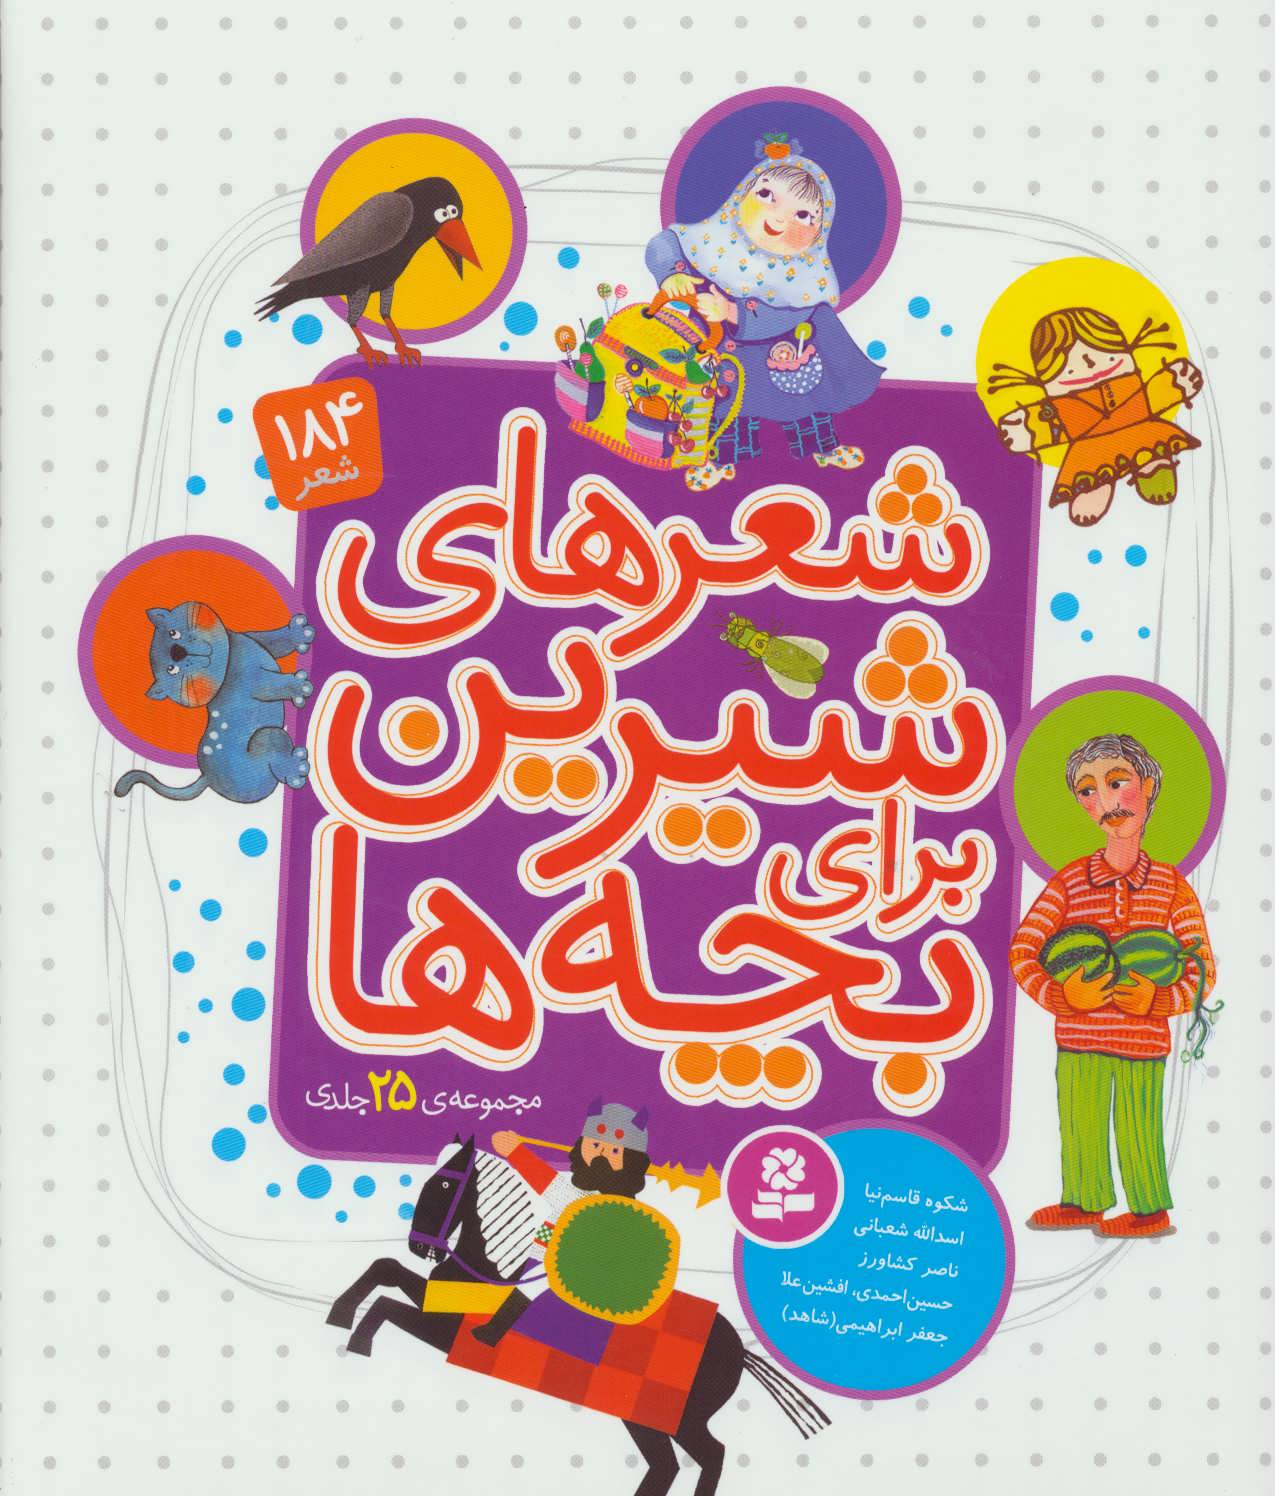 مجموعه شعرهای شیرین برای بچه ها (گلاسه)